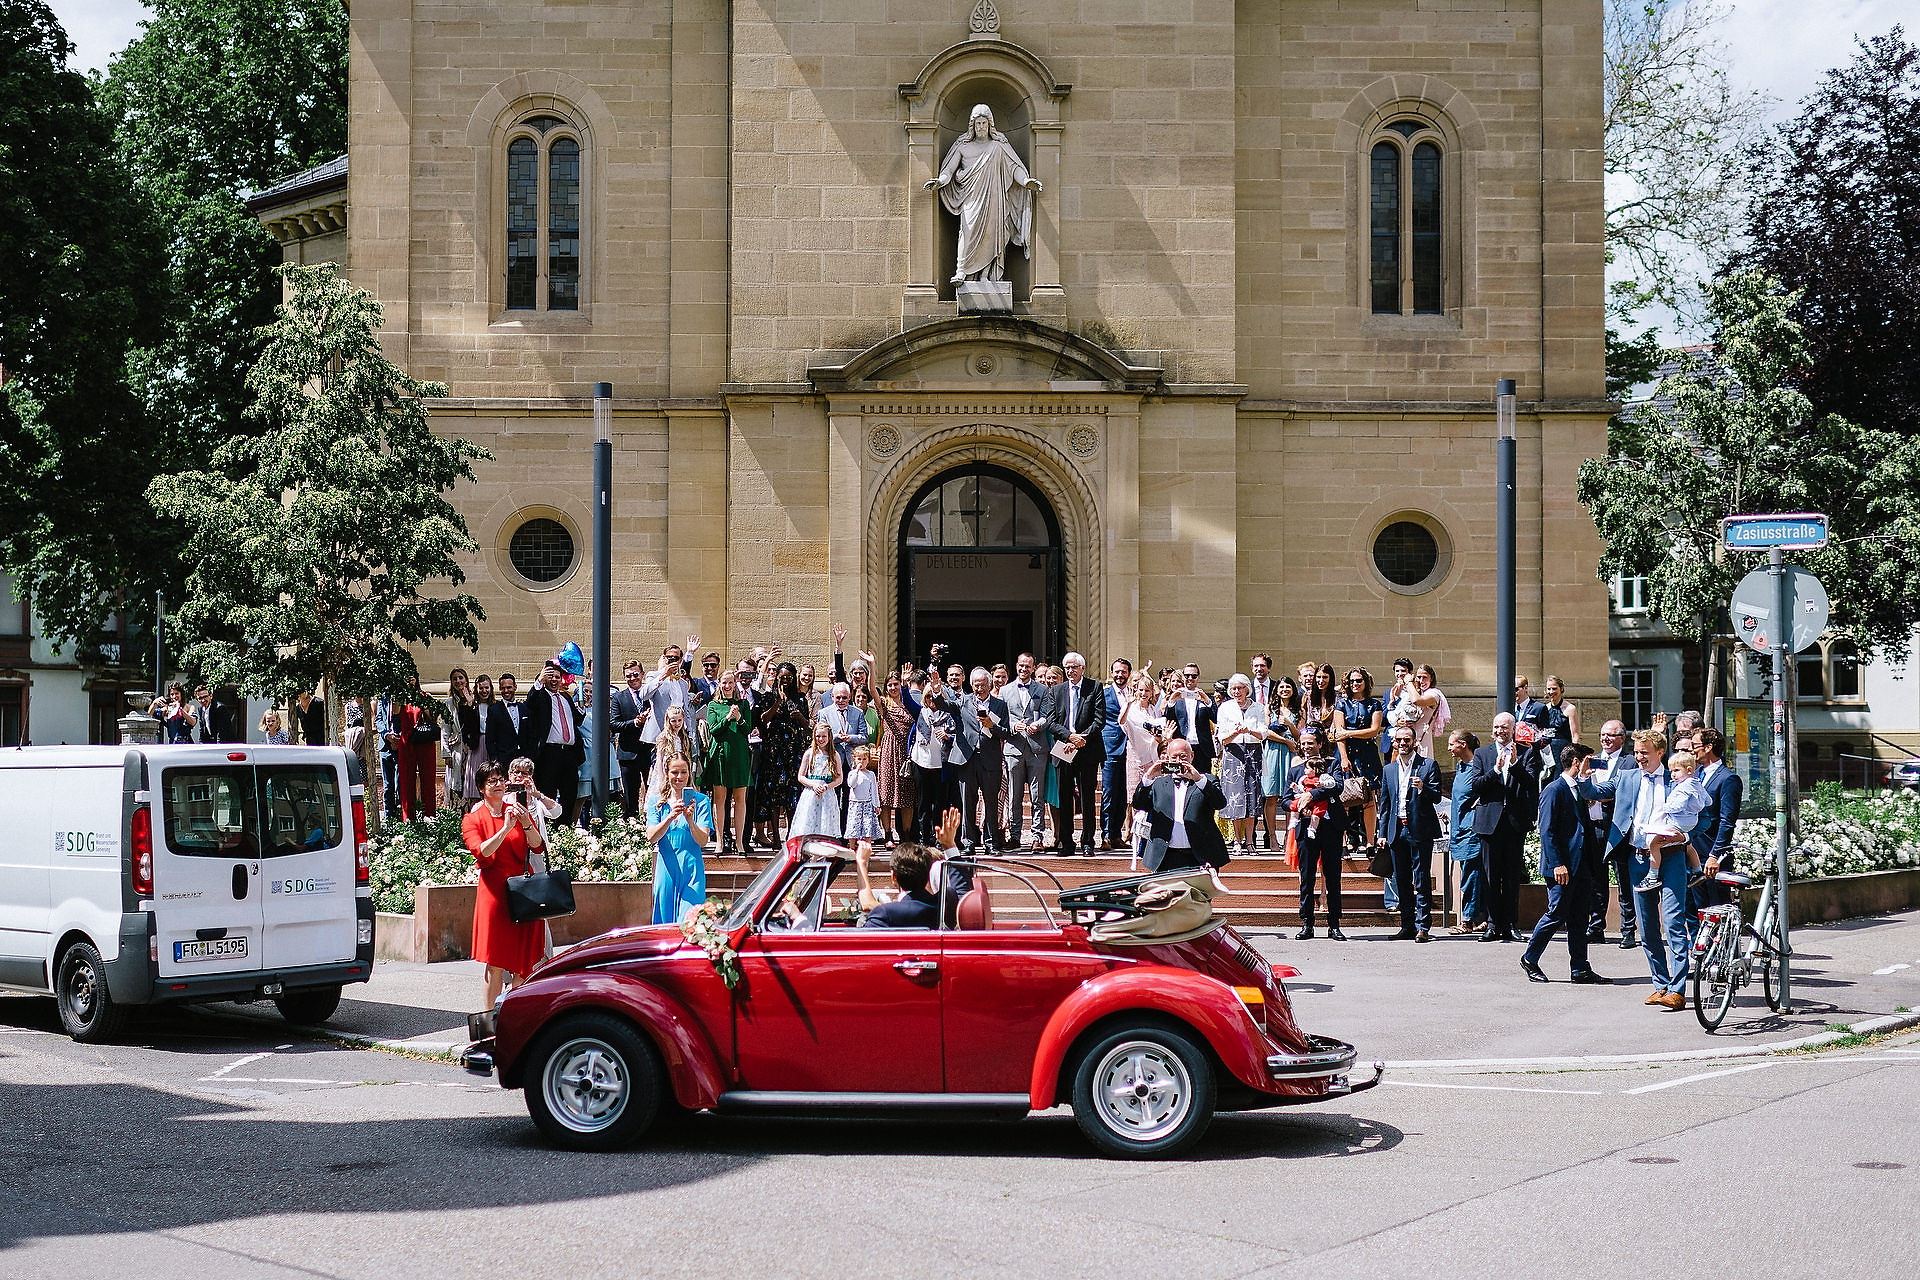 Fotograf Konstanz - Hochzeitsreportage Freiburg Hofgut Lilienhof Hochzeit Fotograf Konstanz 27 - Hochzeit in Freiburg und Hofgut Lilienhof  - 128 -